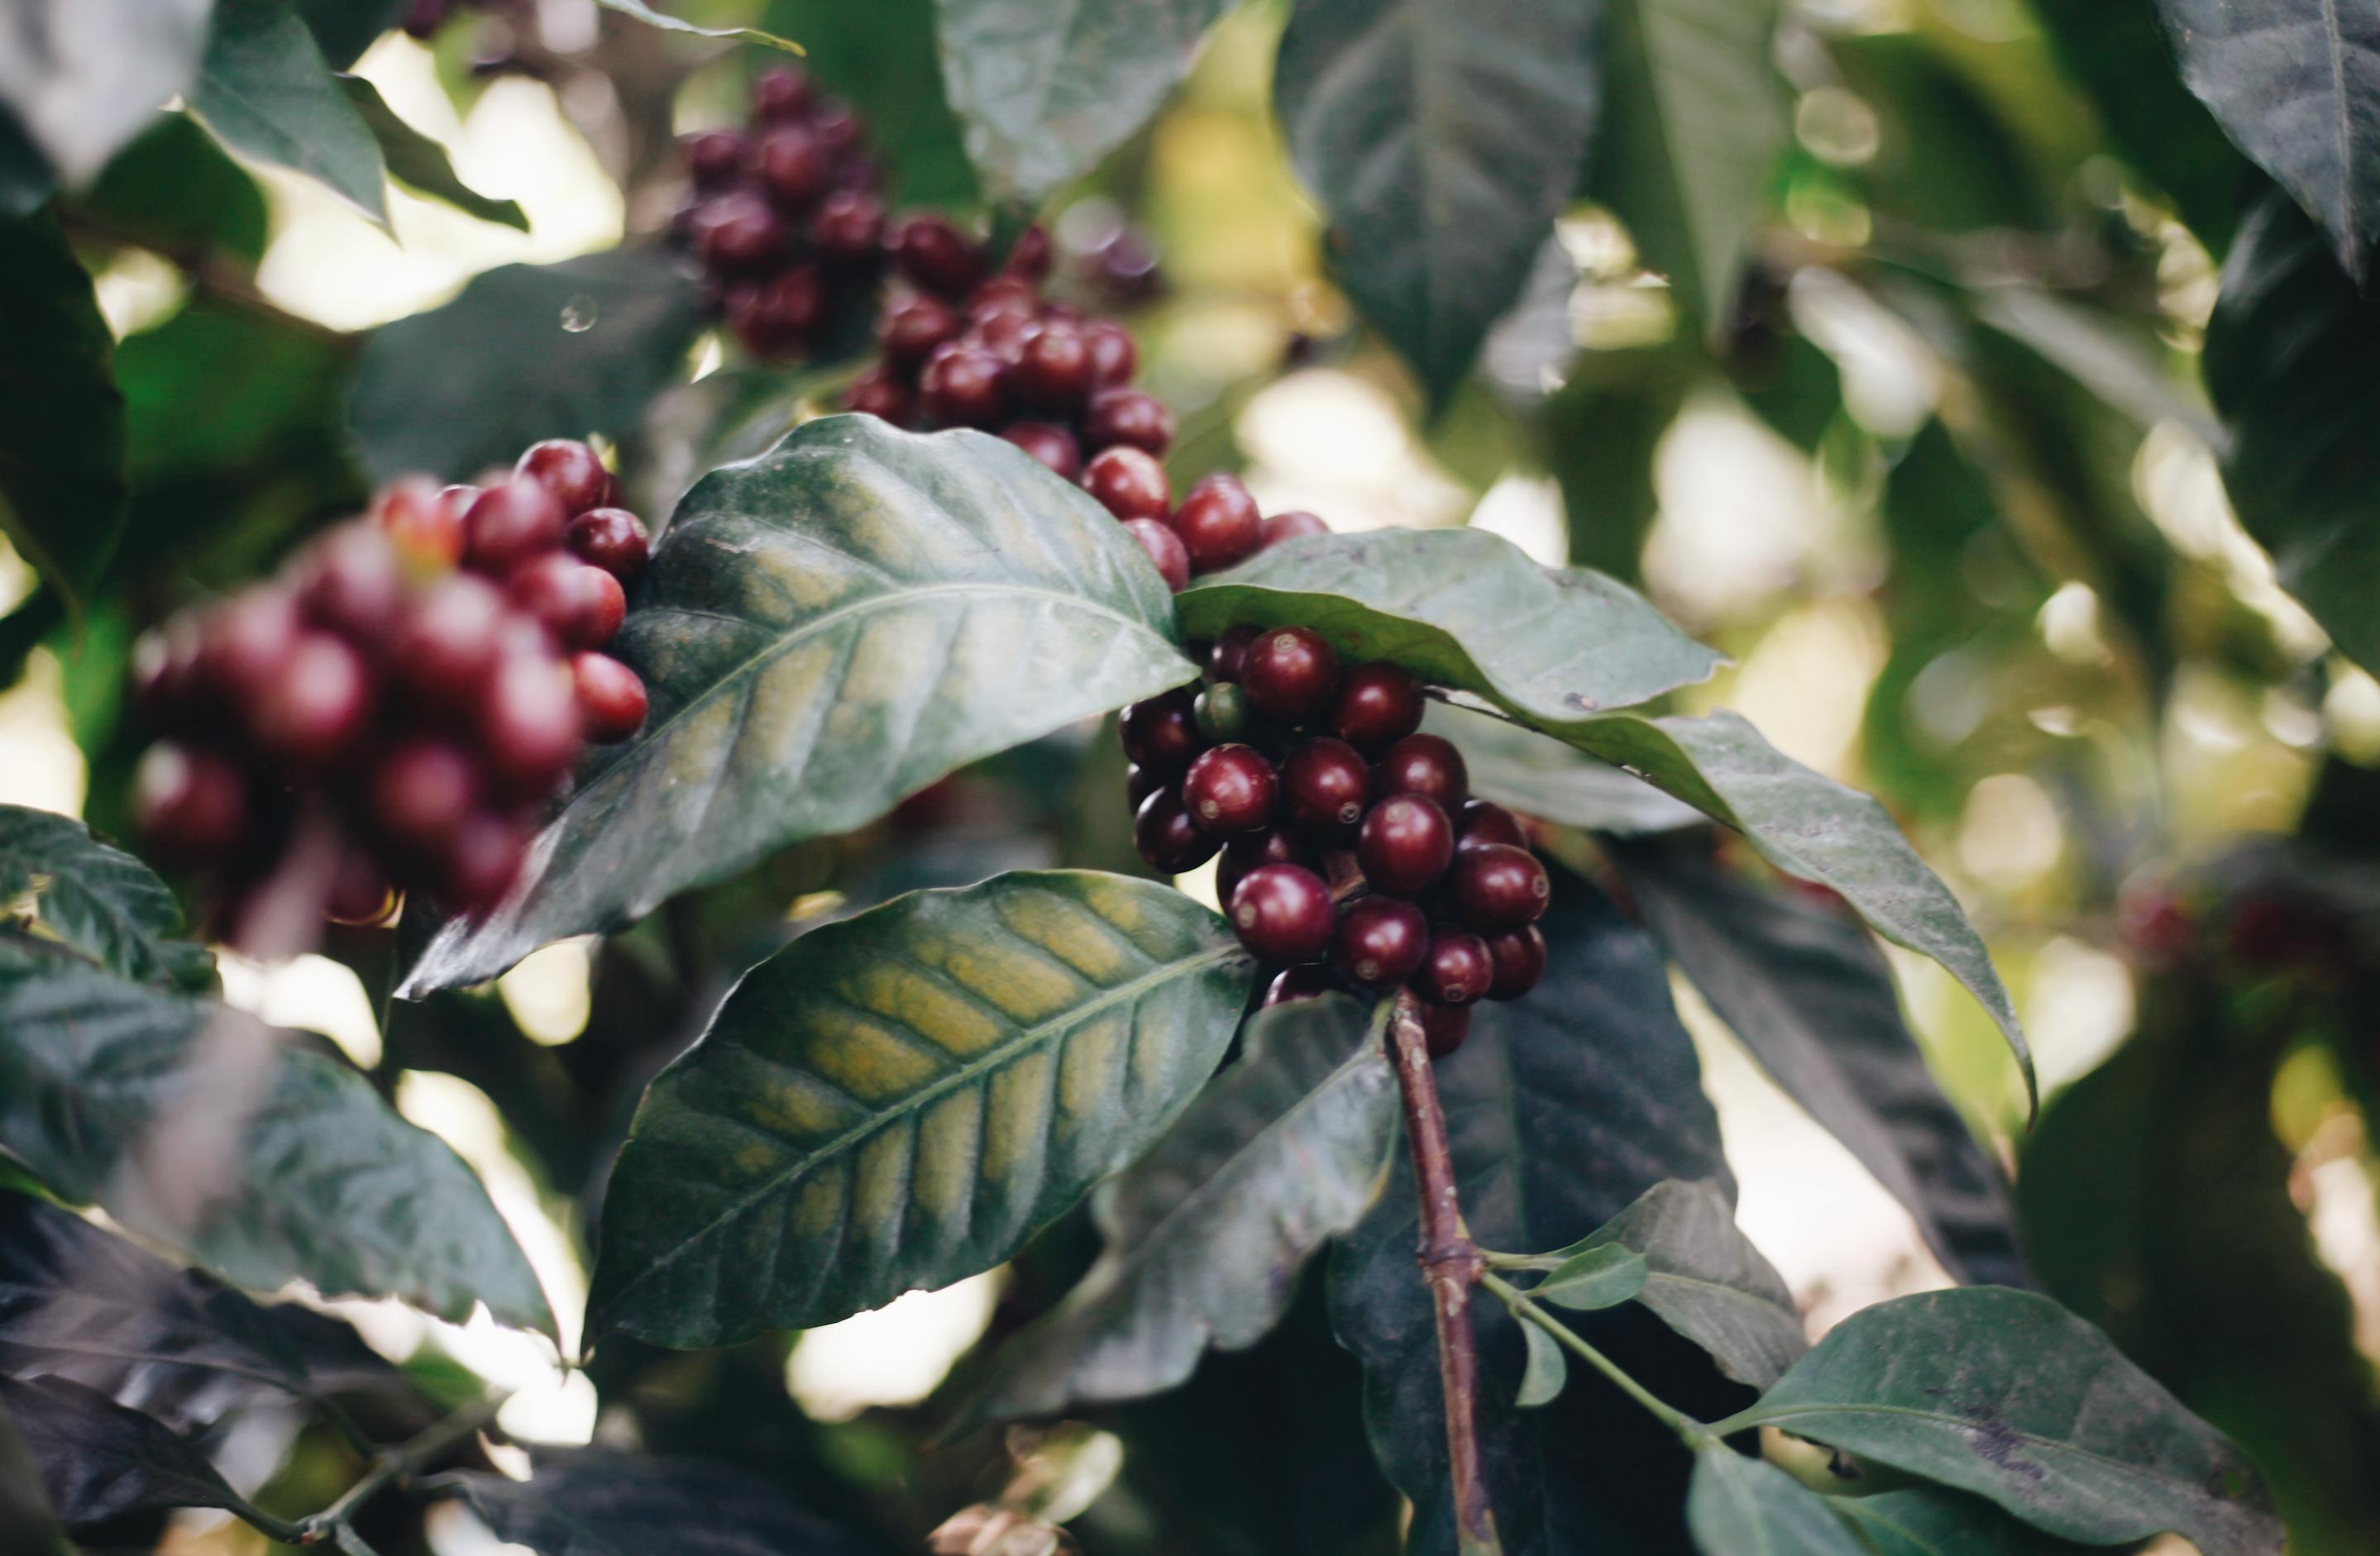 Coffee cherry growing on a coffee bush